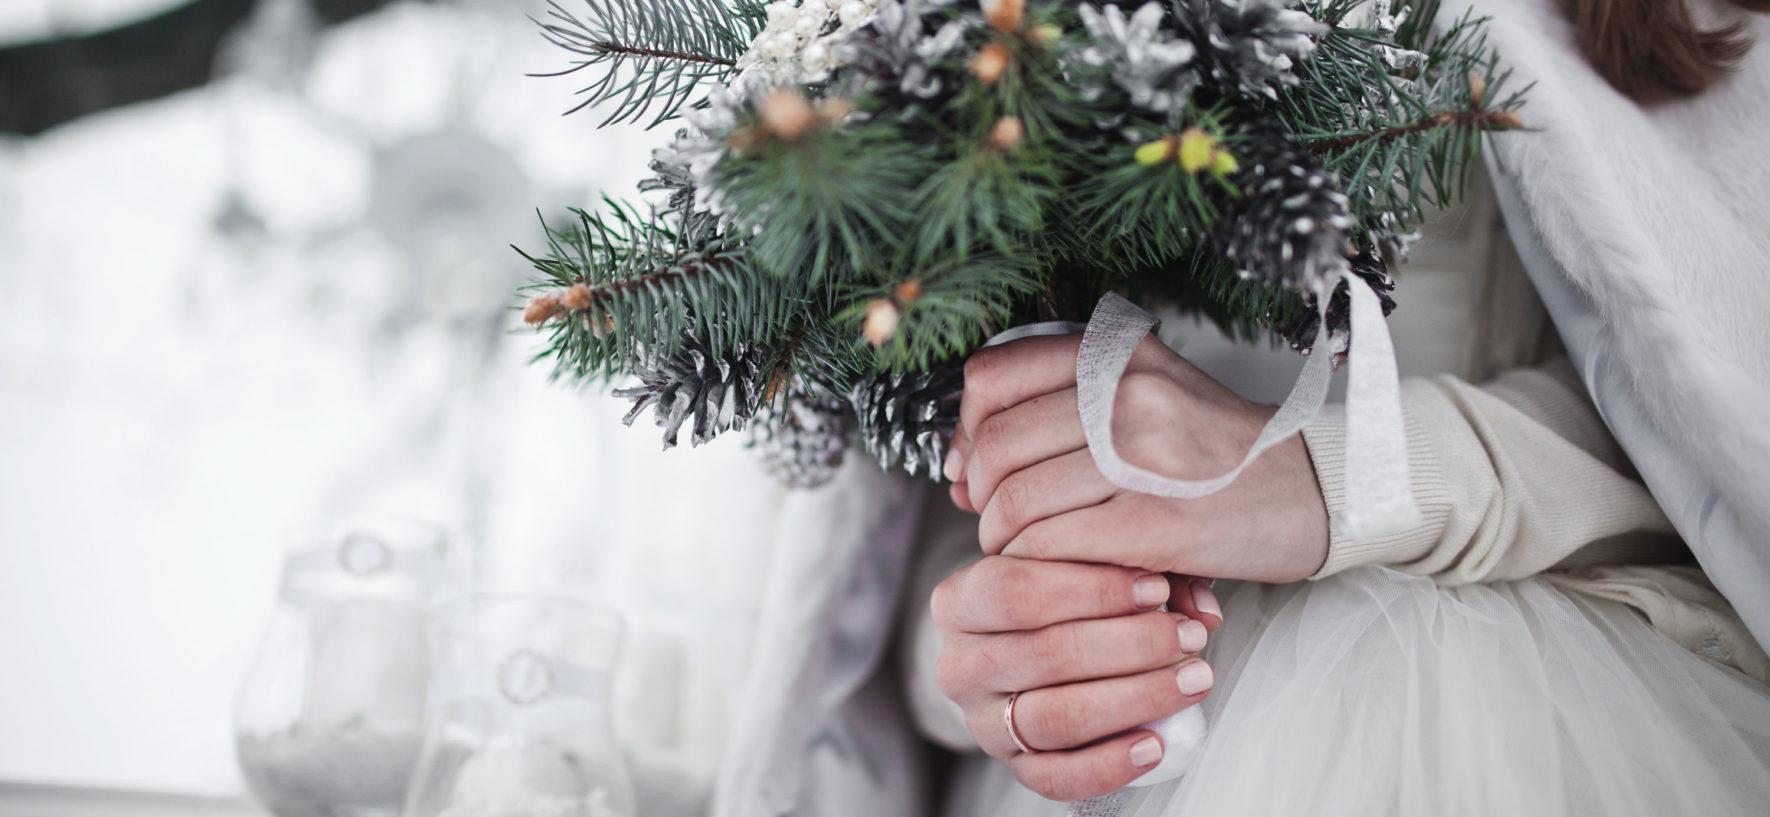 Decorazioni matrimonio d'inverno